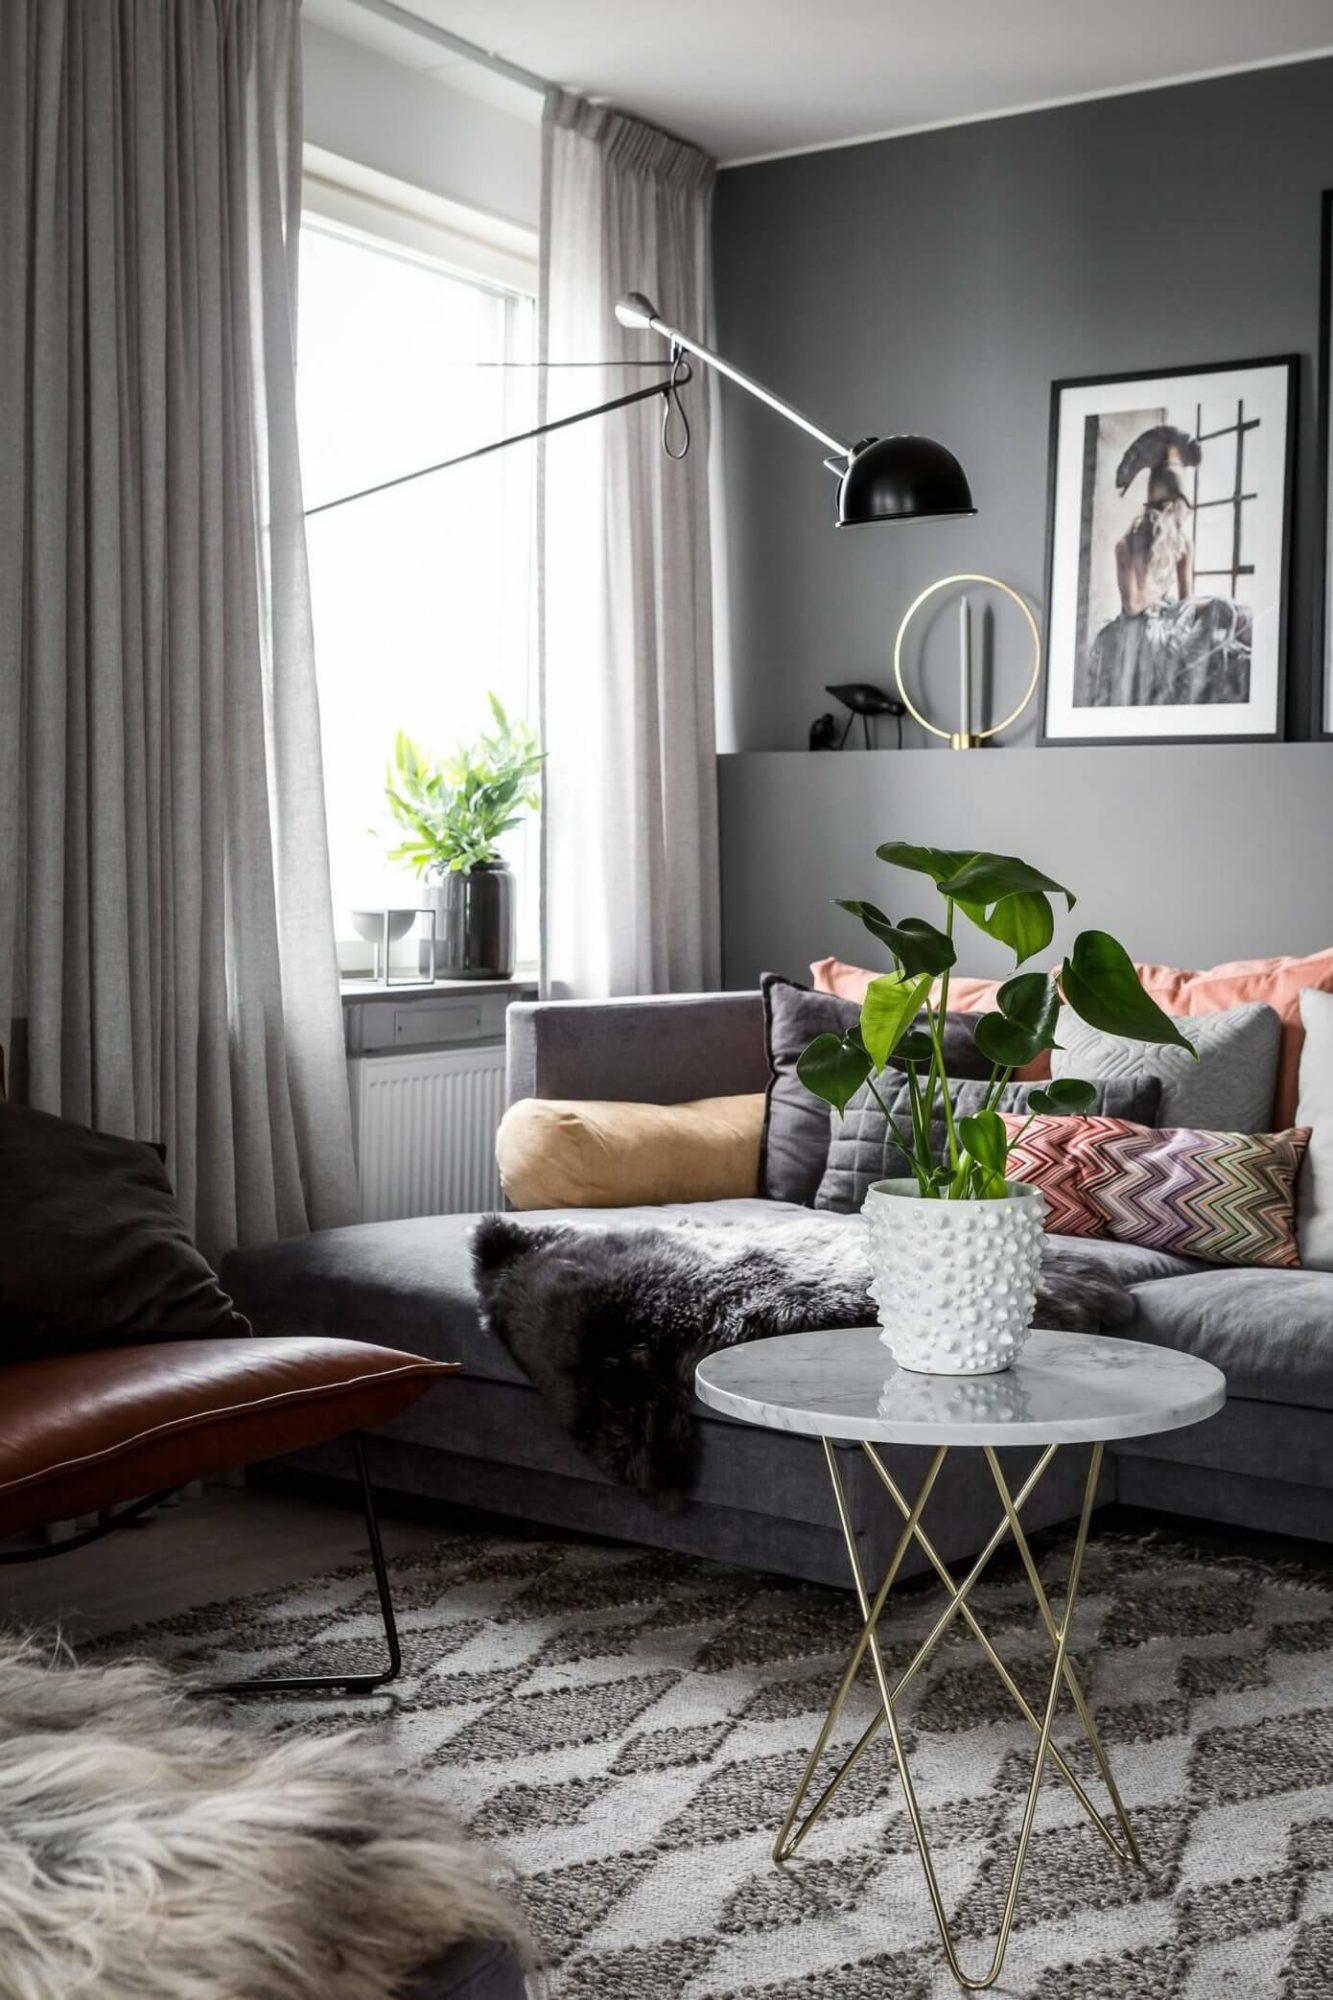 Текстиль играет огромную роль в интерьере квартиры